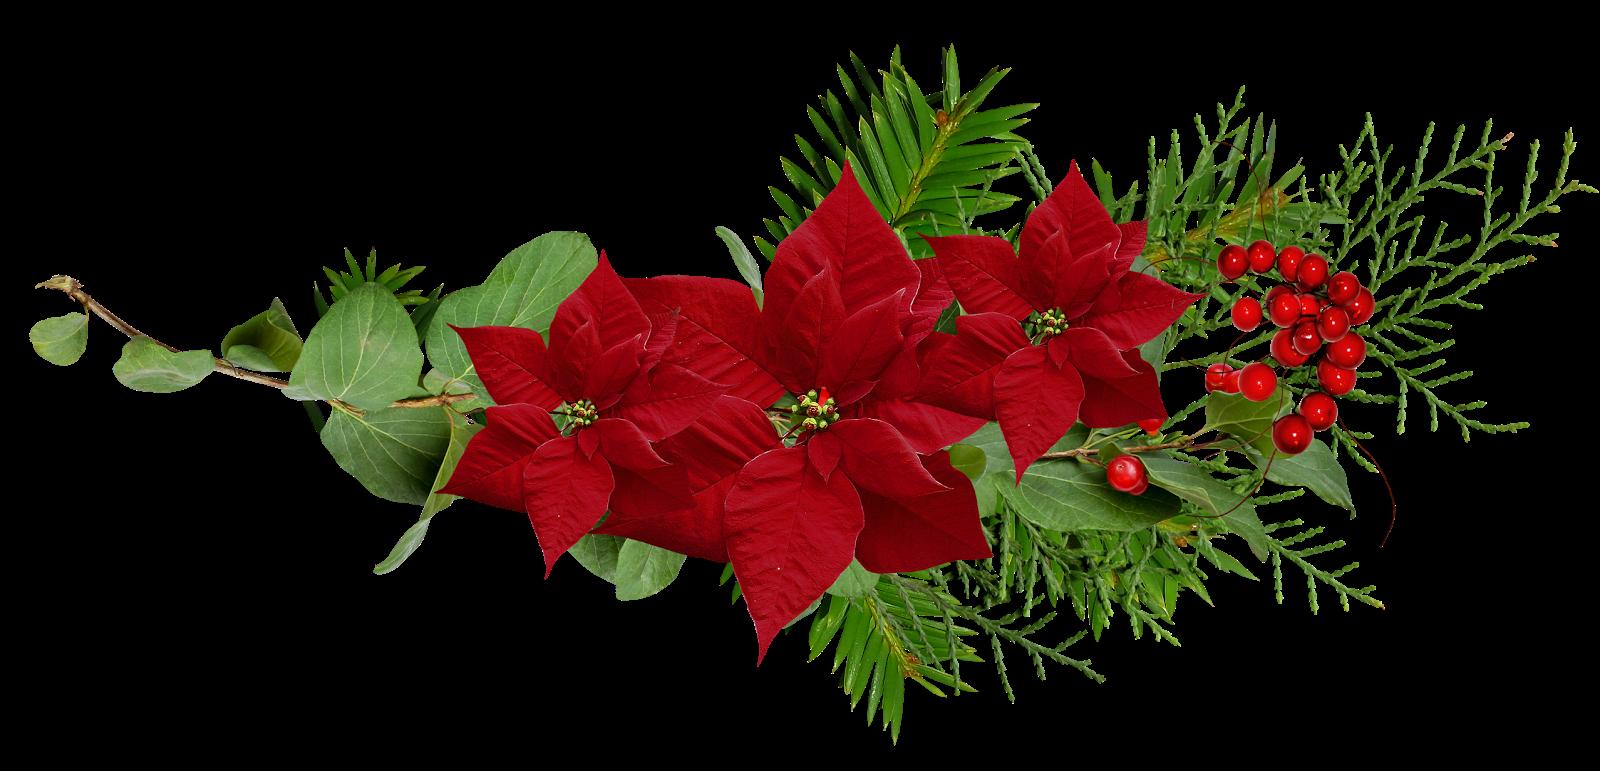 Cosas Para Photoscape Flores Y Plantas Arboles Ps: ® Blog Católico Navideño ®: 01/22/15